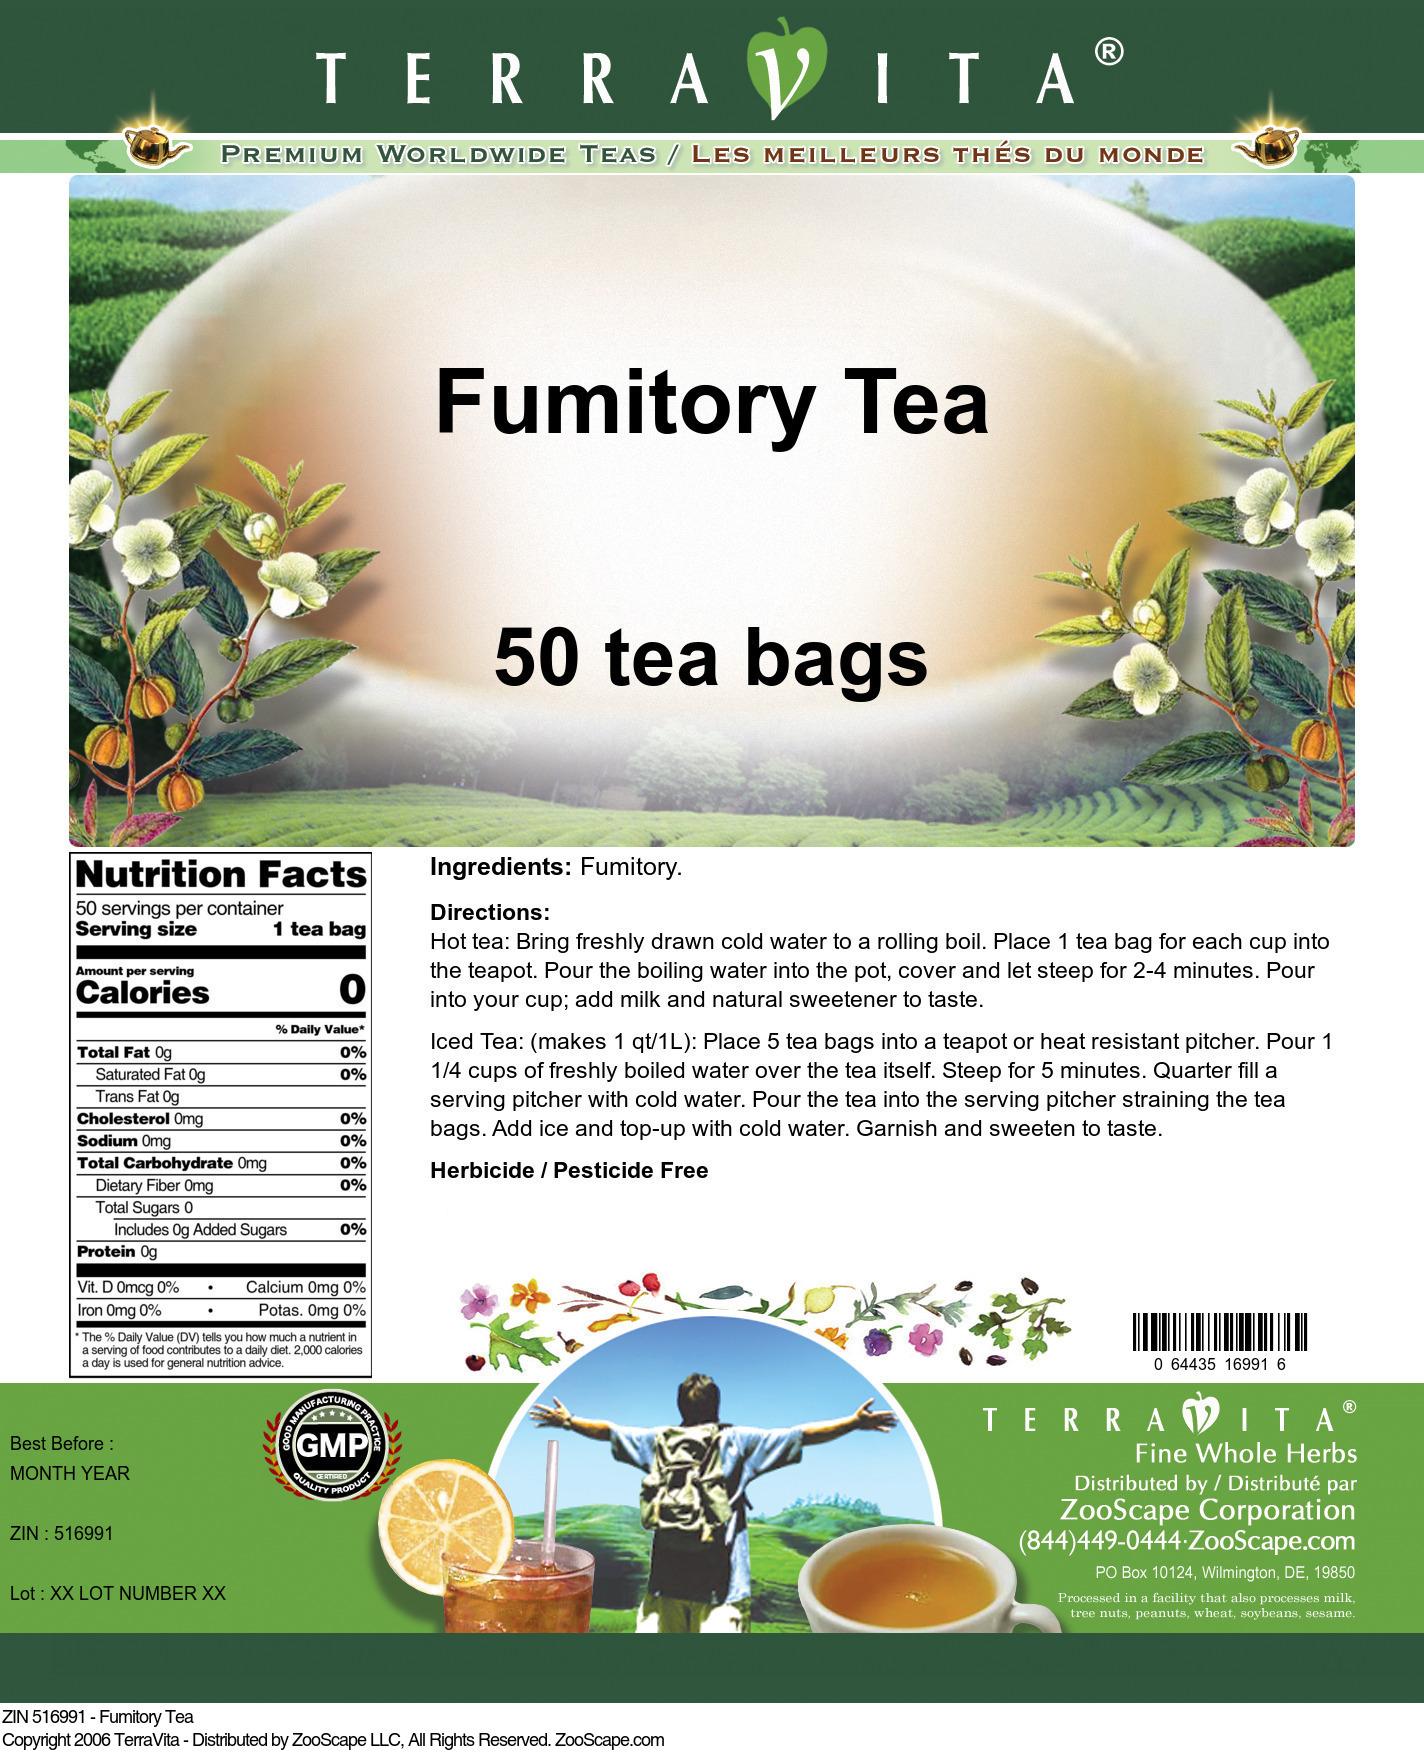 Fumitory